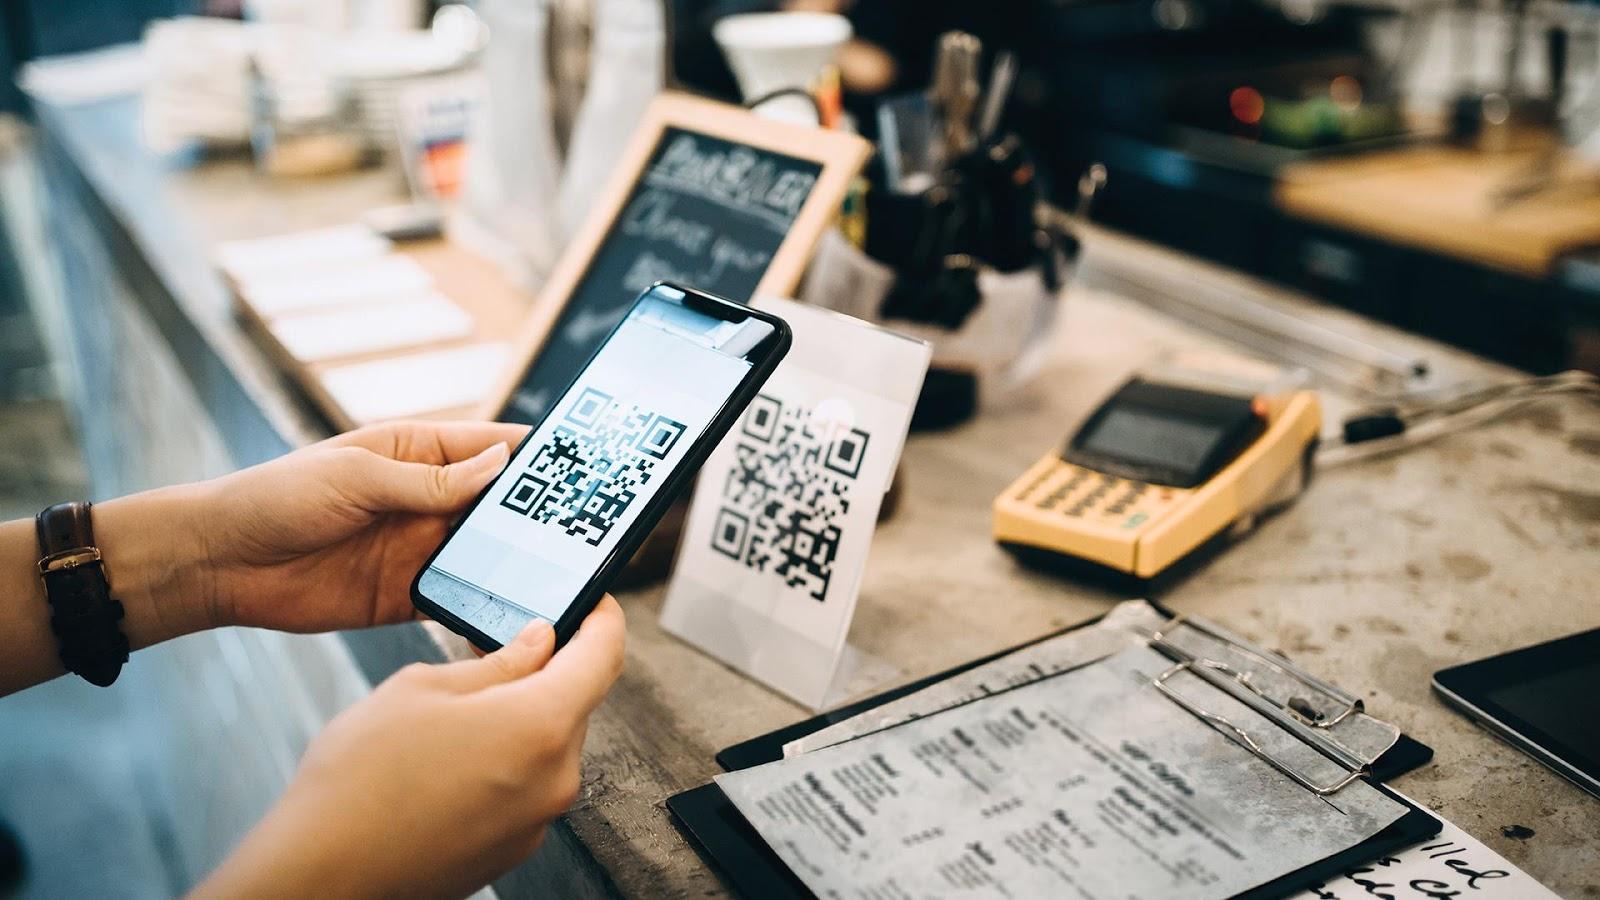 Меню ресторана через QR код – новое измерение онлайн-заказов